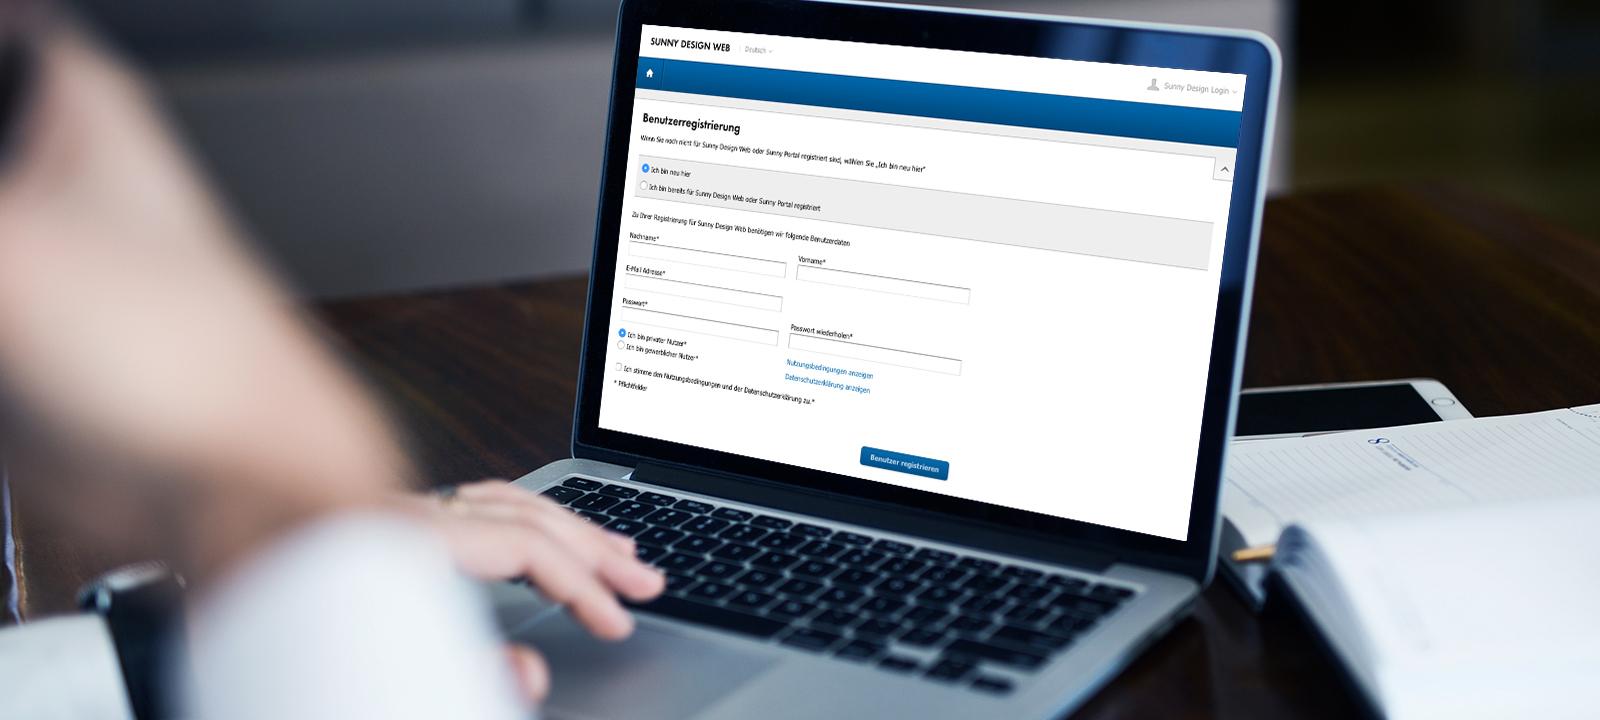 Um das System nutzen zu können, ist die Registrierung mit einer gültigen E-Mail-Adresse notwendig.